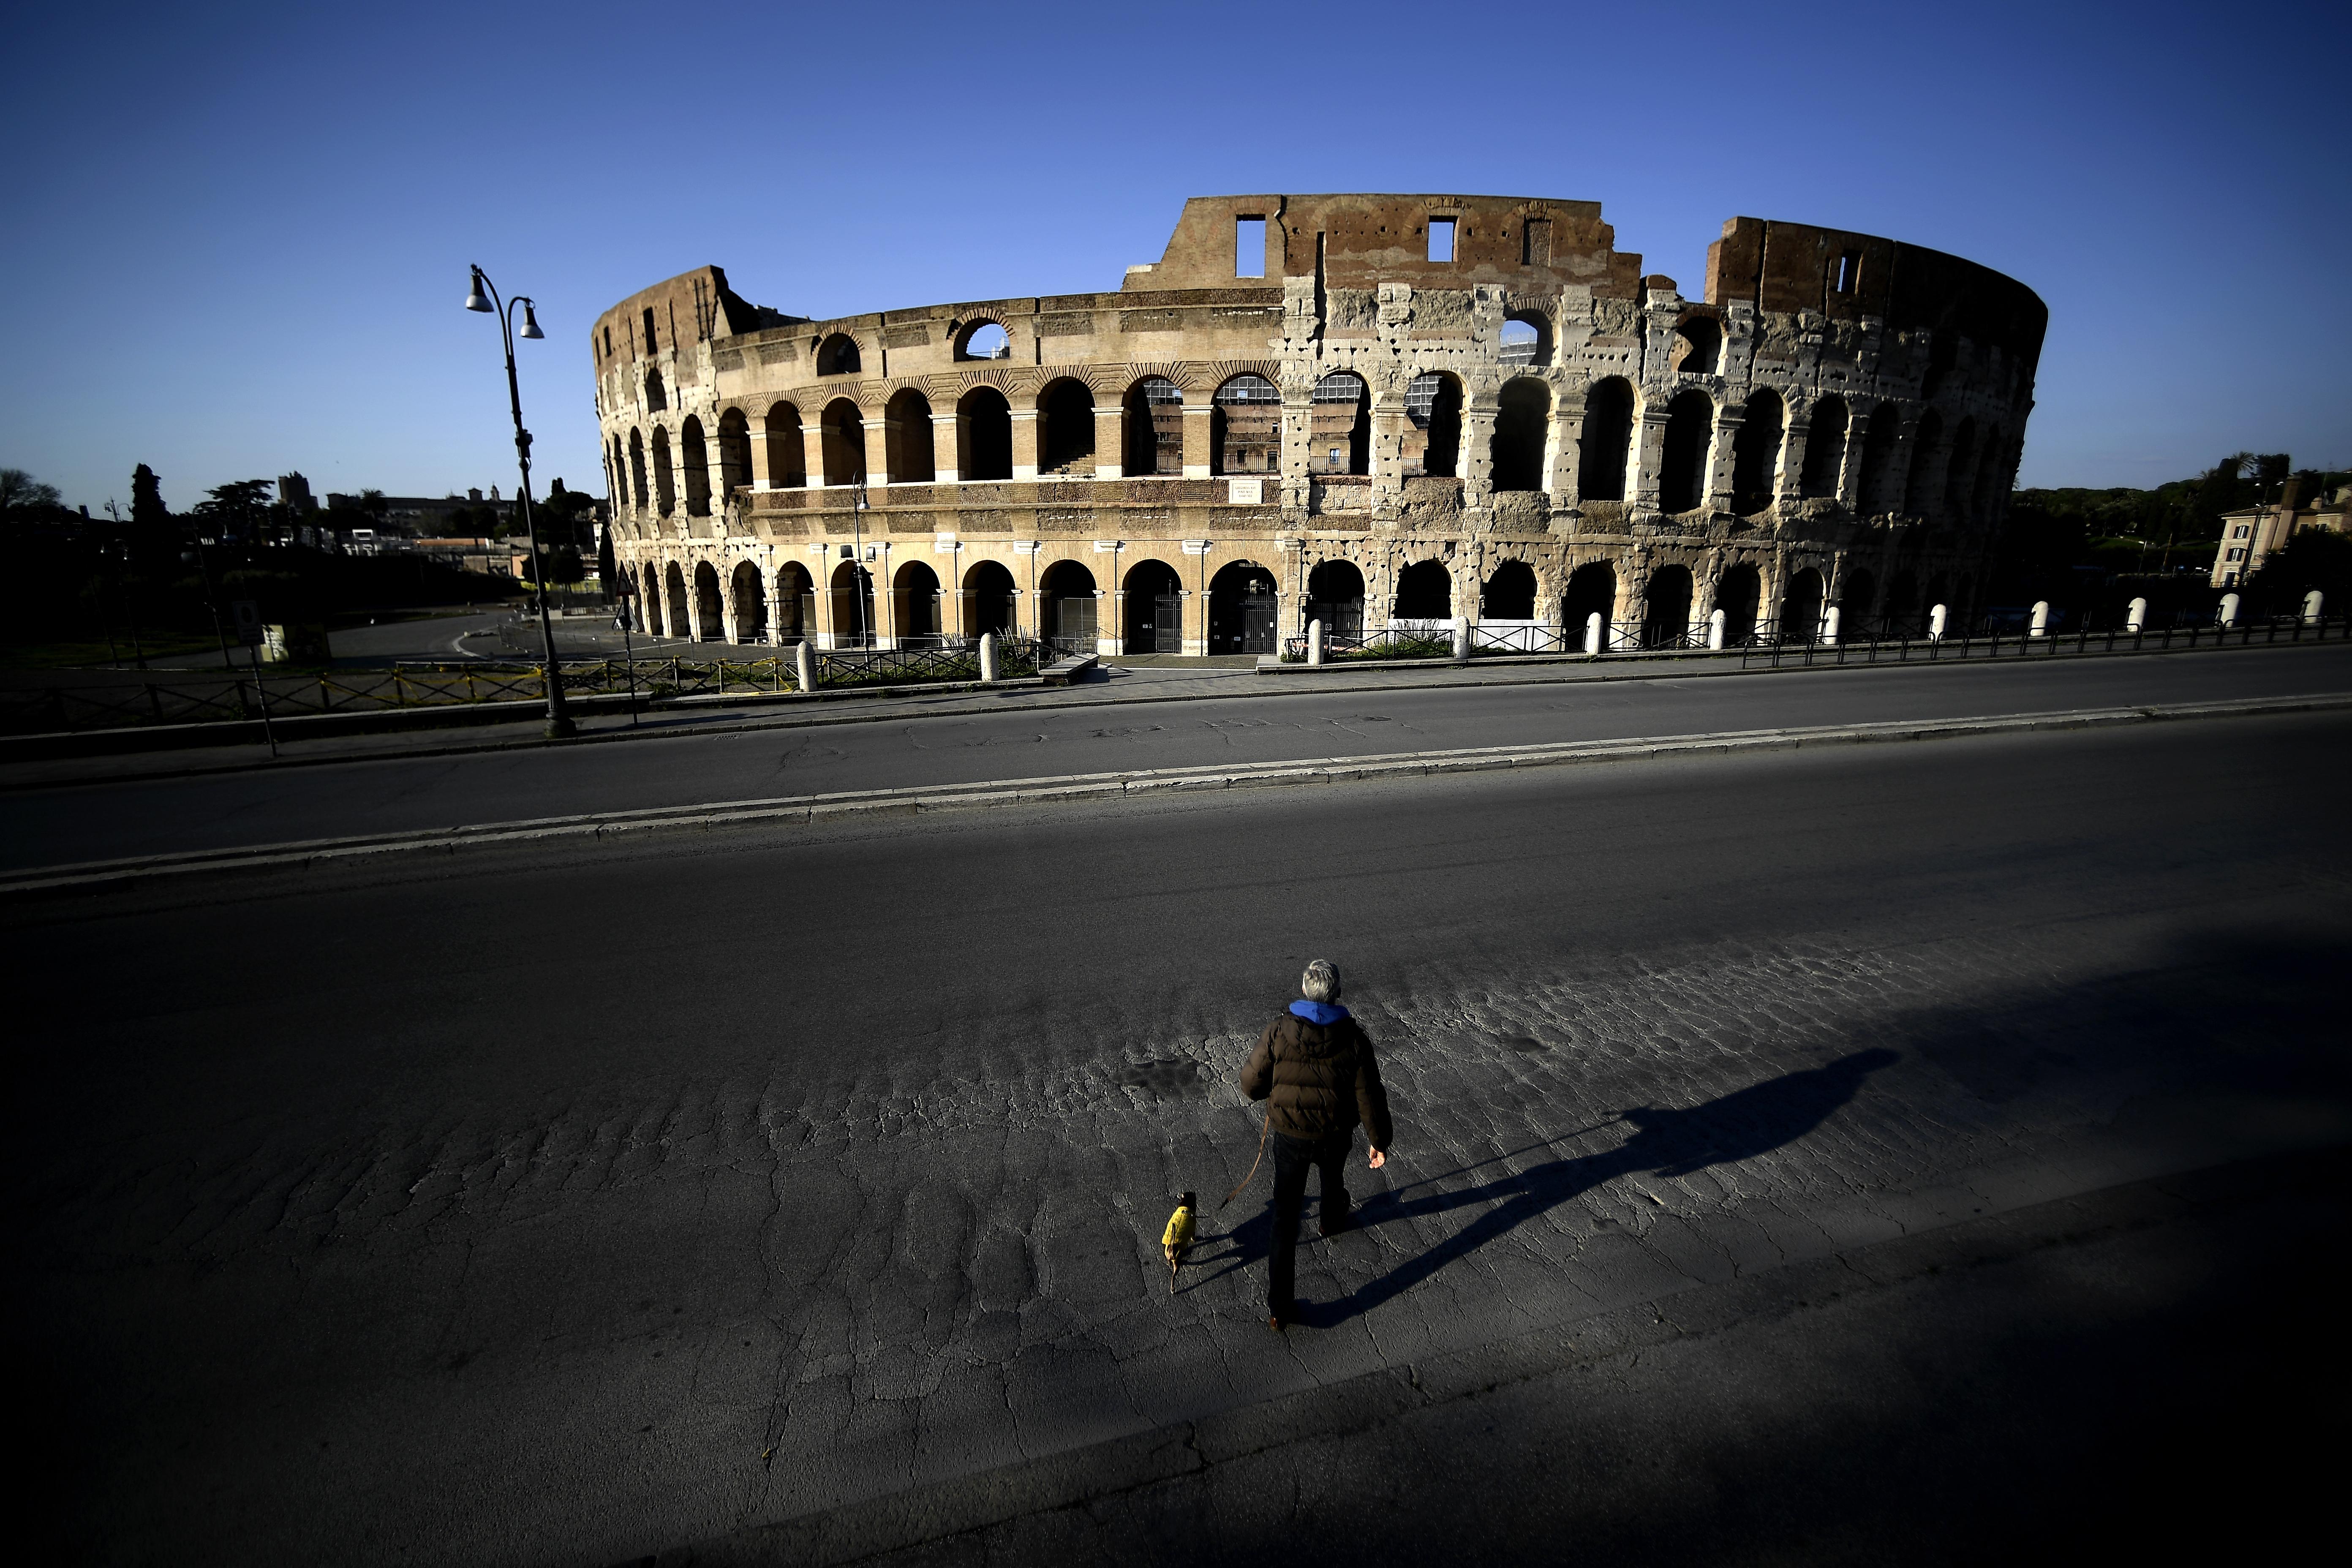 Brutális demográfiai törést okozott a Covid Olaszországban